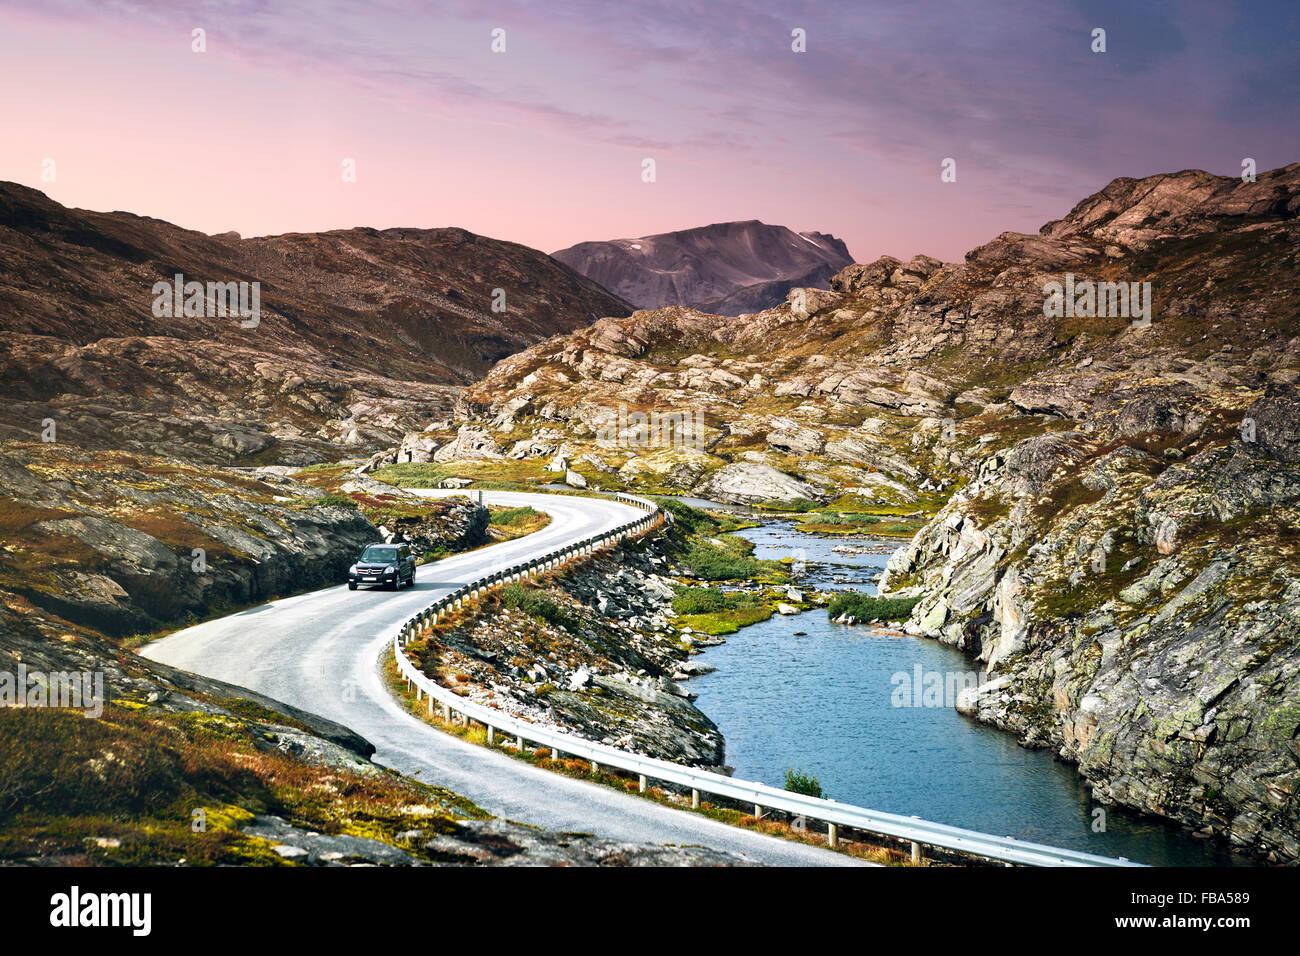 Norway, More og Romsdal, Sunnmore, Geirangerfjord, Car driving along Trollstigen Road winding alongside narrow fjord - Stock Image